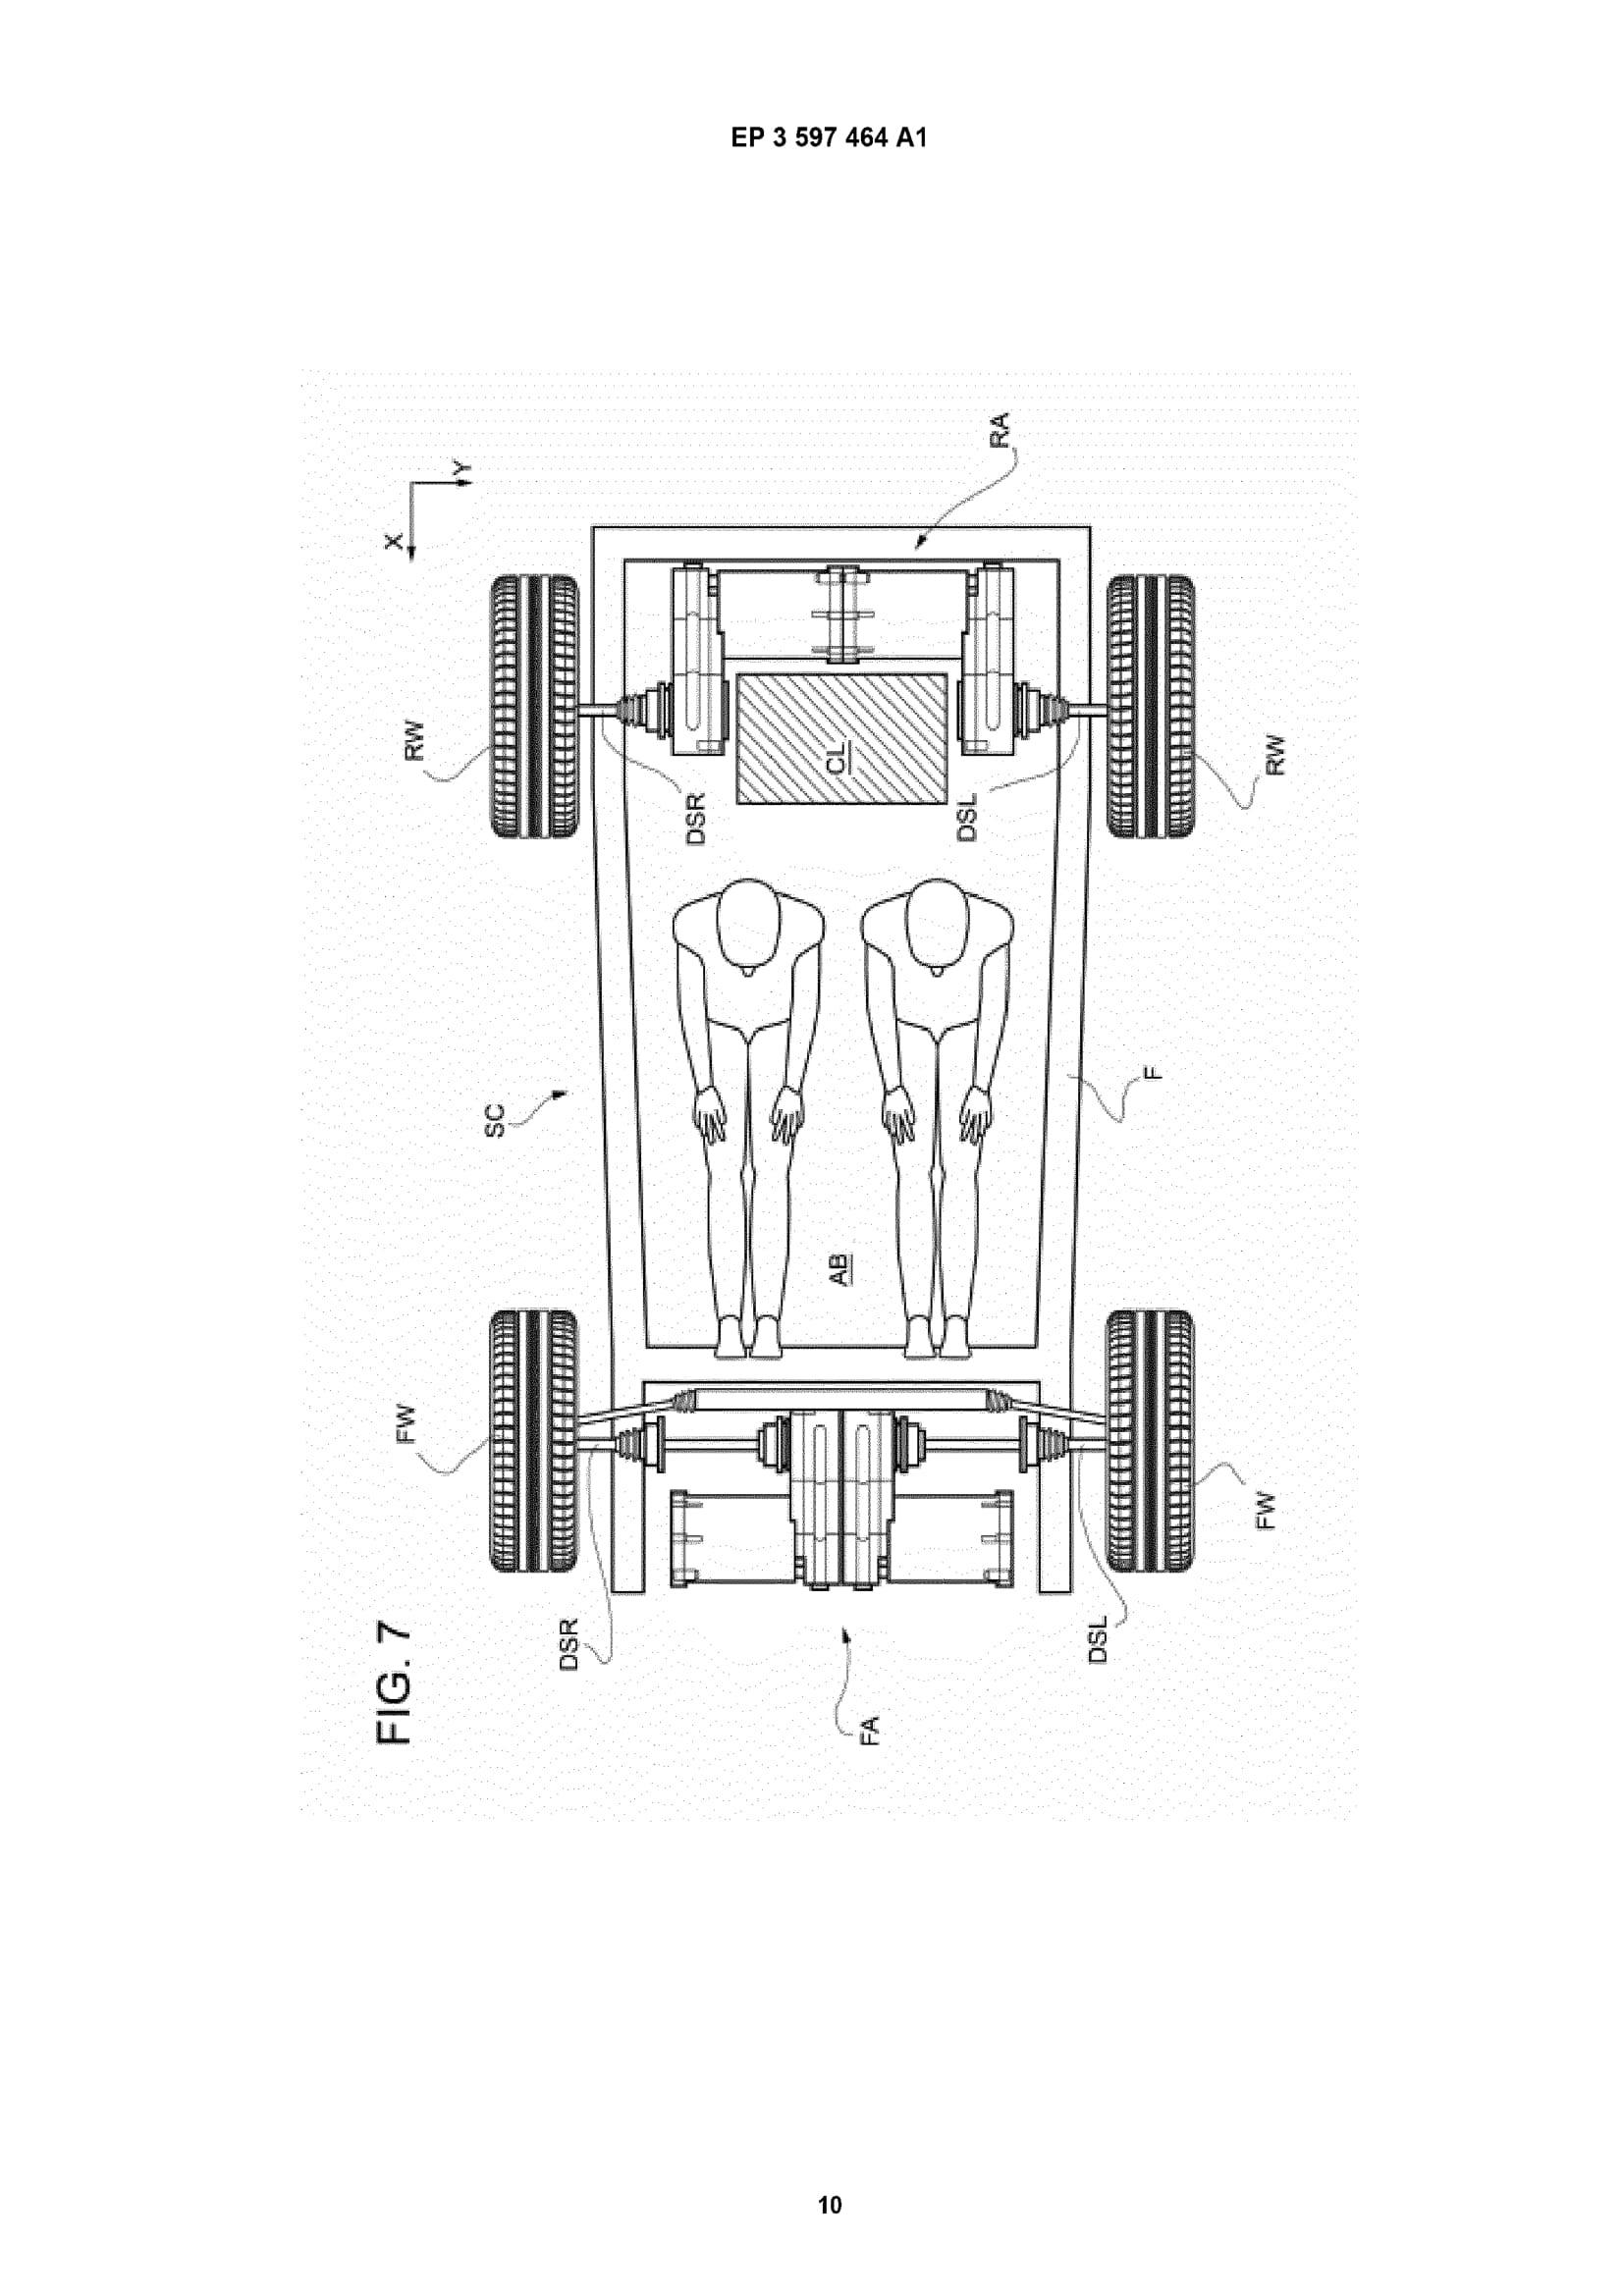 Ferrari-Electric-patent-10